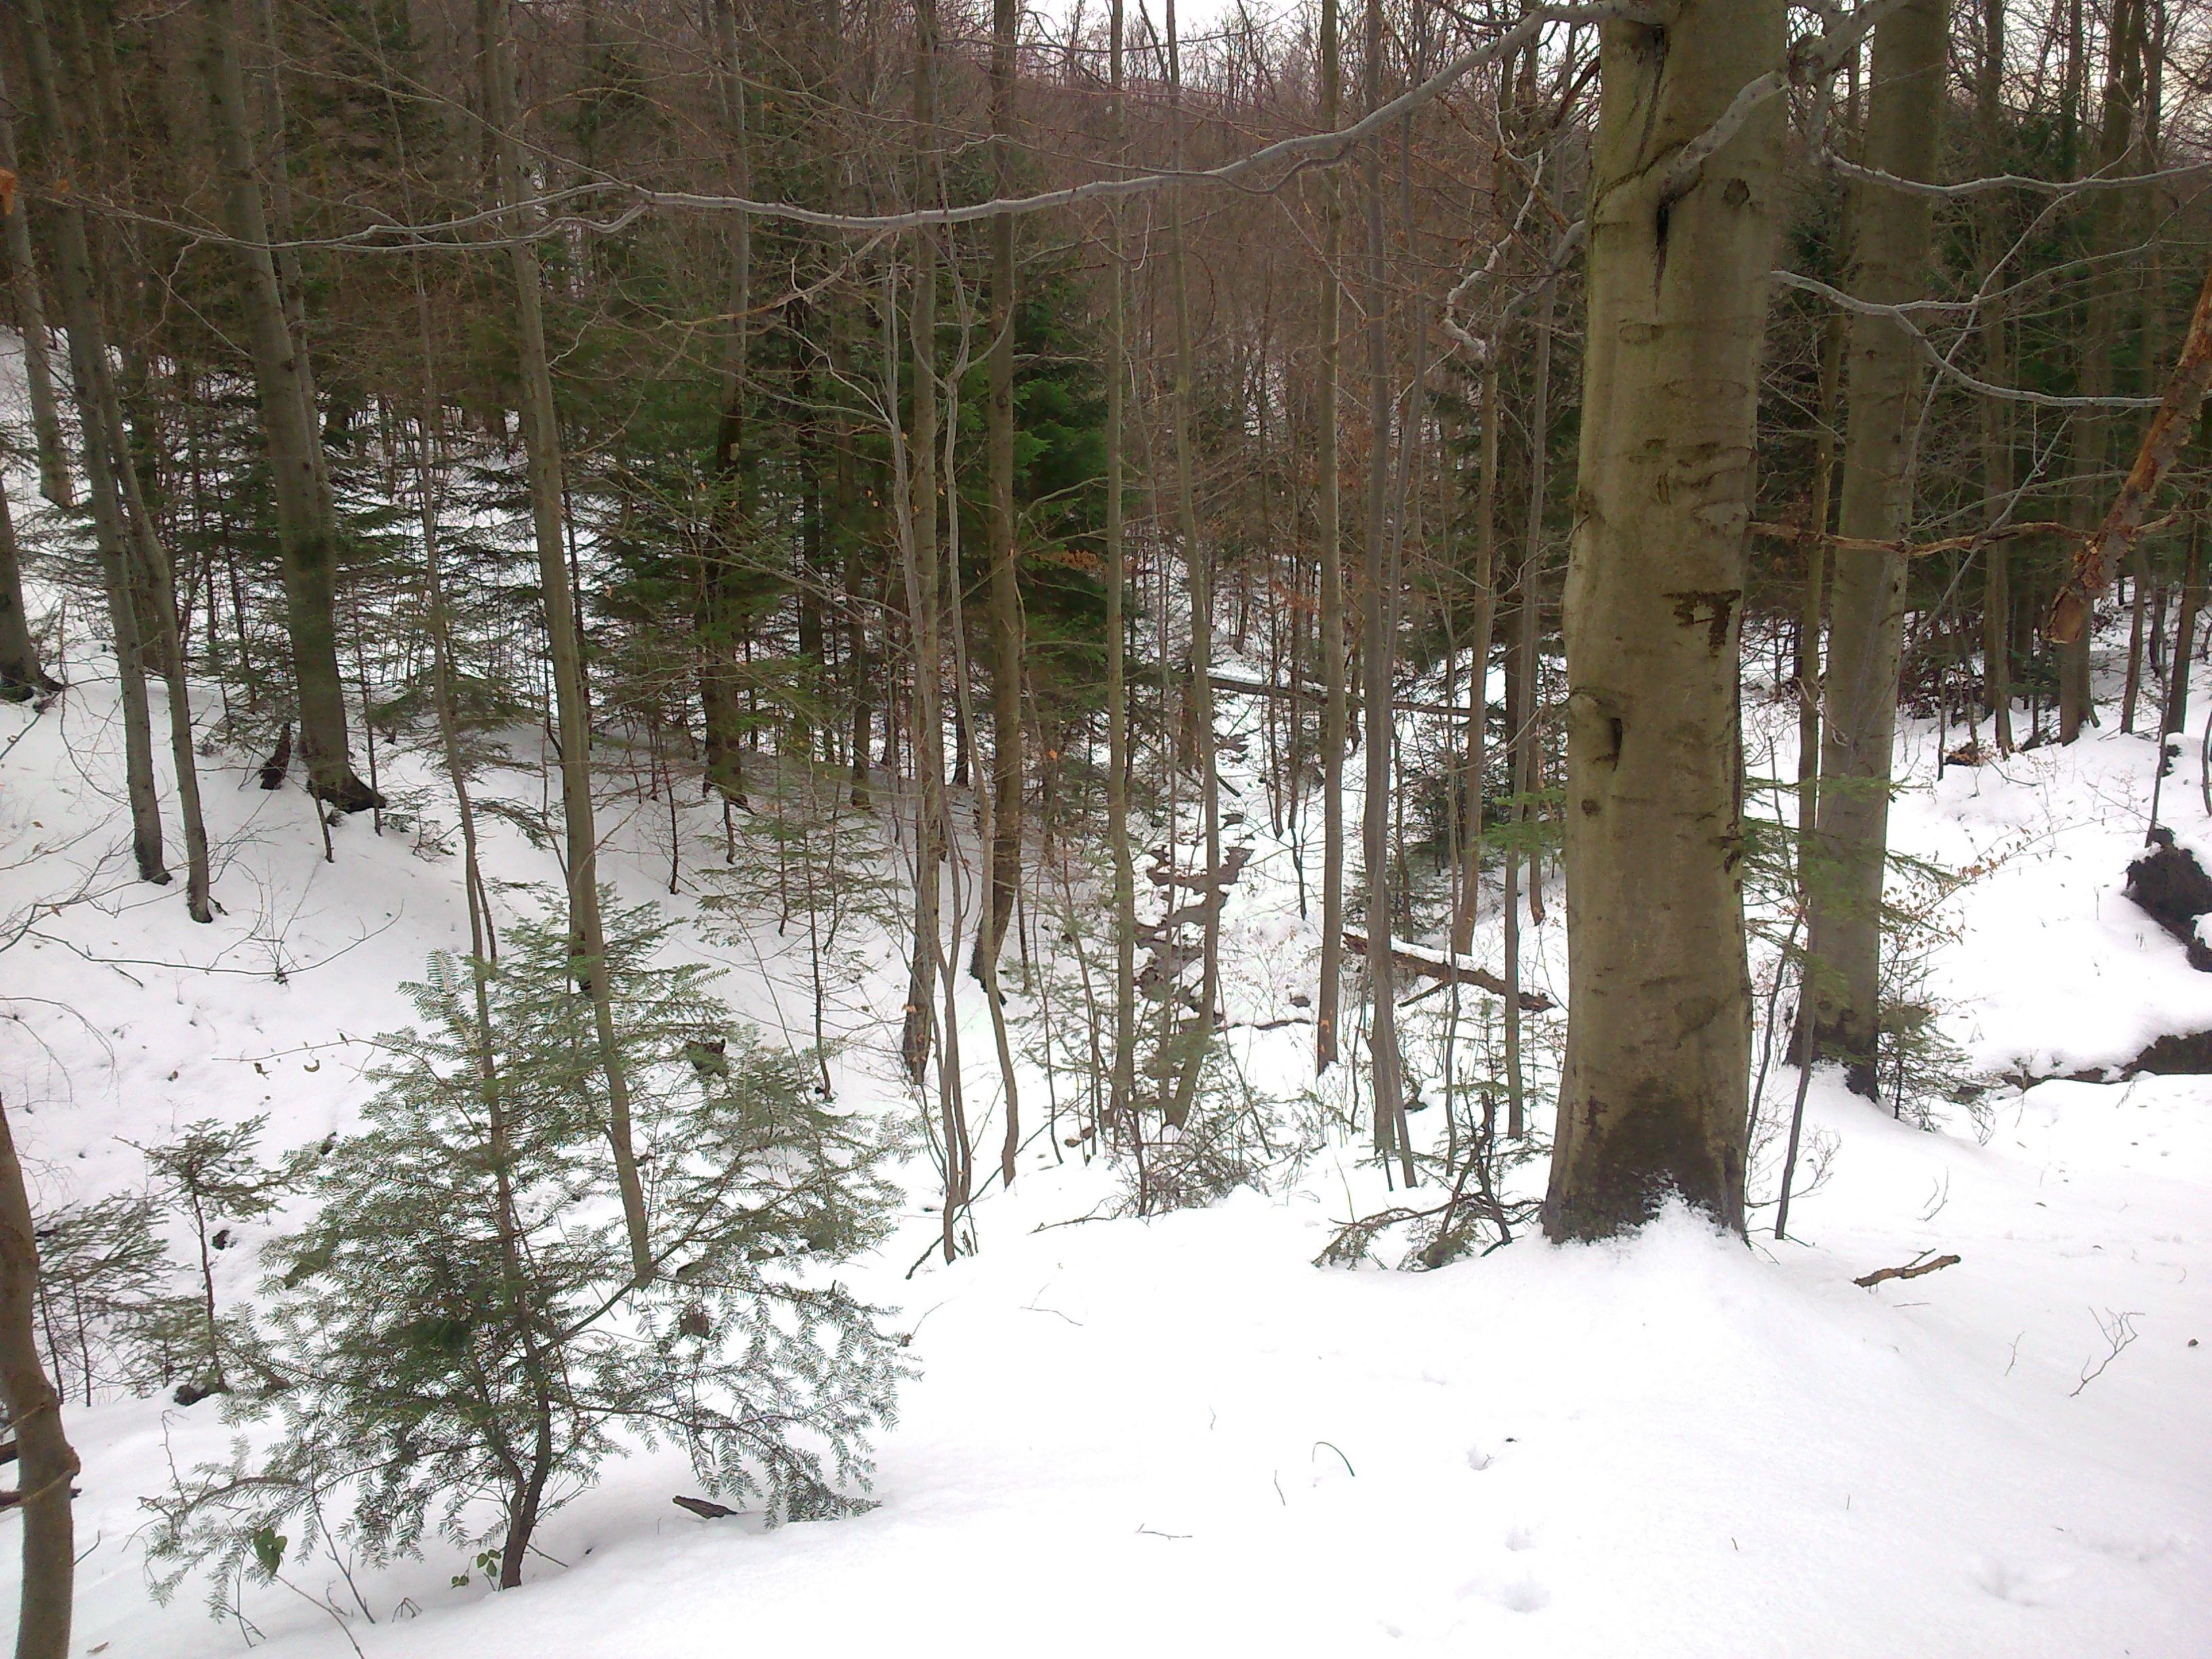 W dół potoku można zjechać po śniegu, gorzej jest wspiąć się pod górę